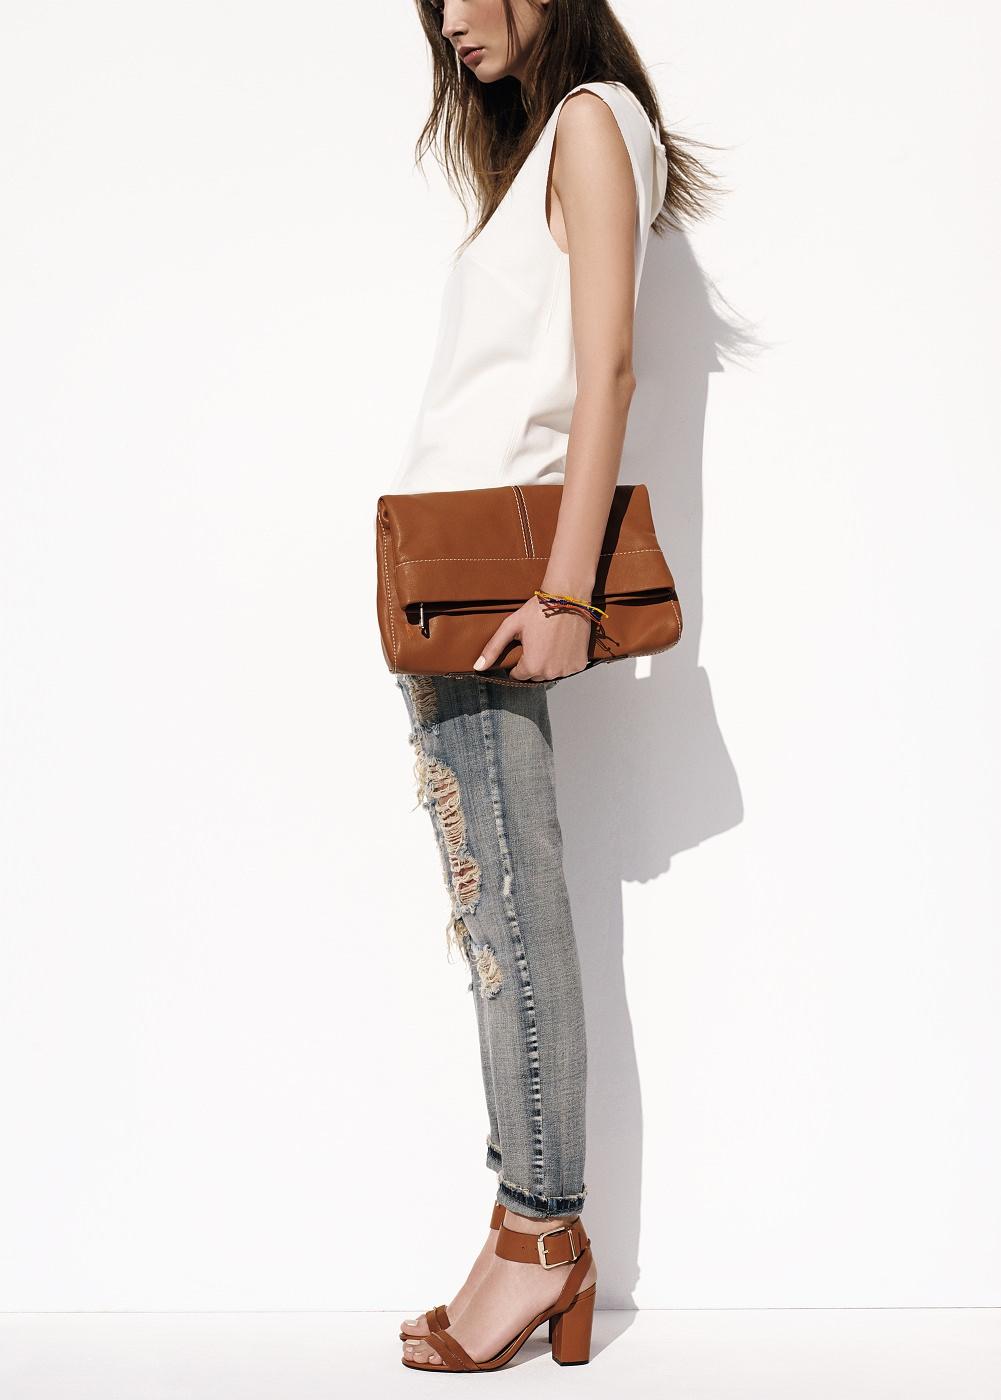 Boyfriend Angie jeans -  Jeans - Women - MANGO